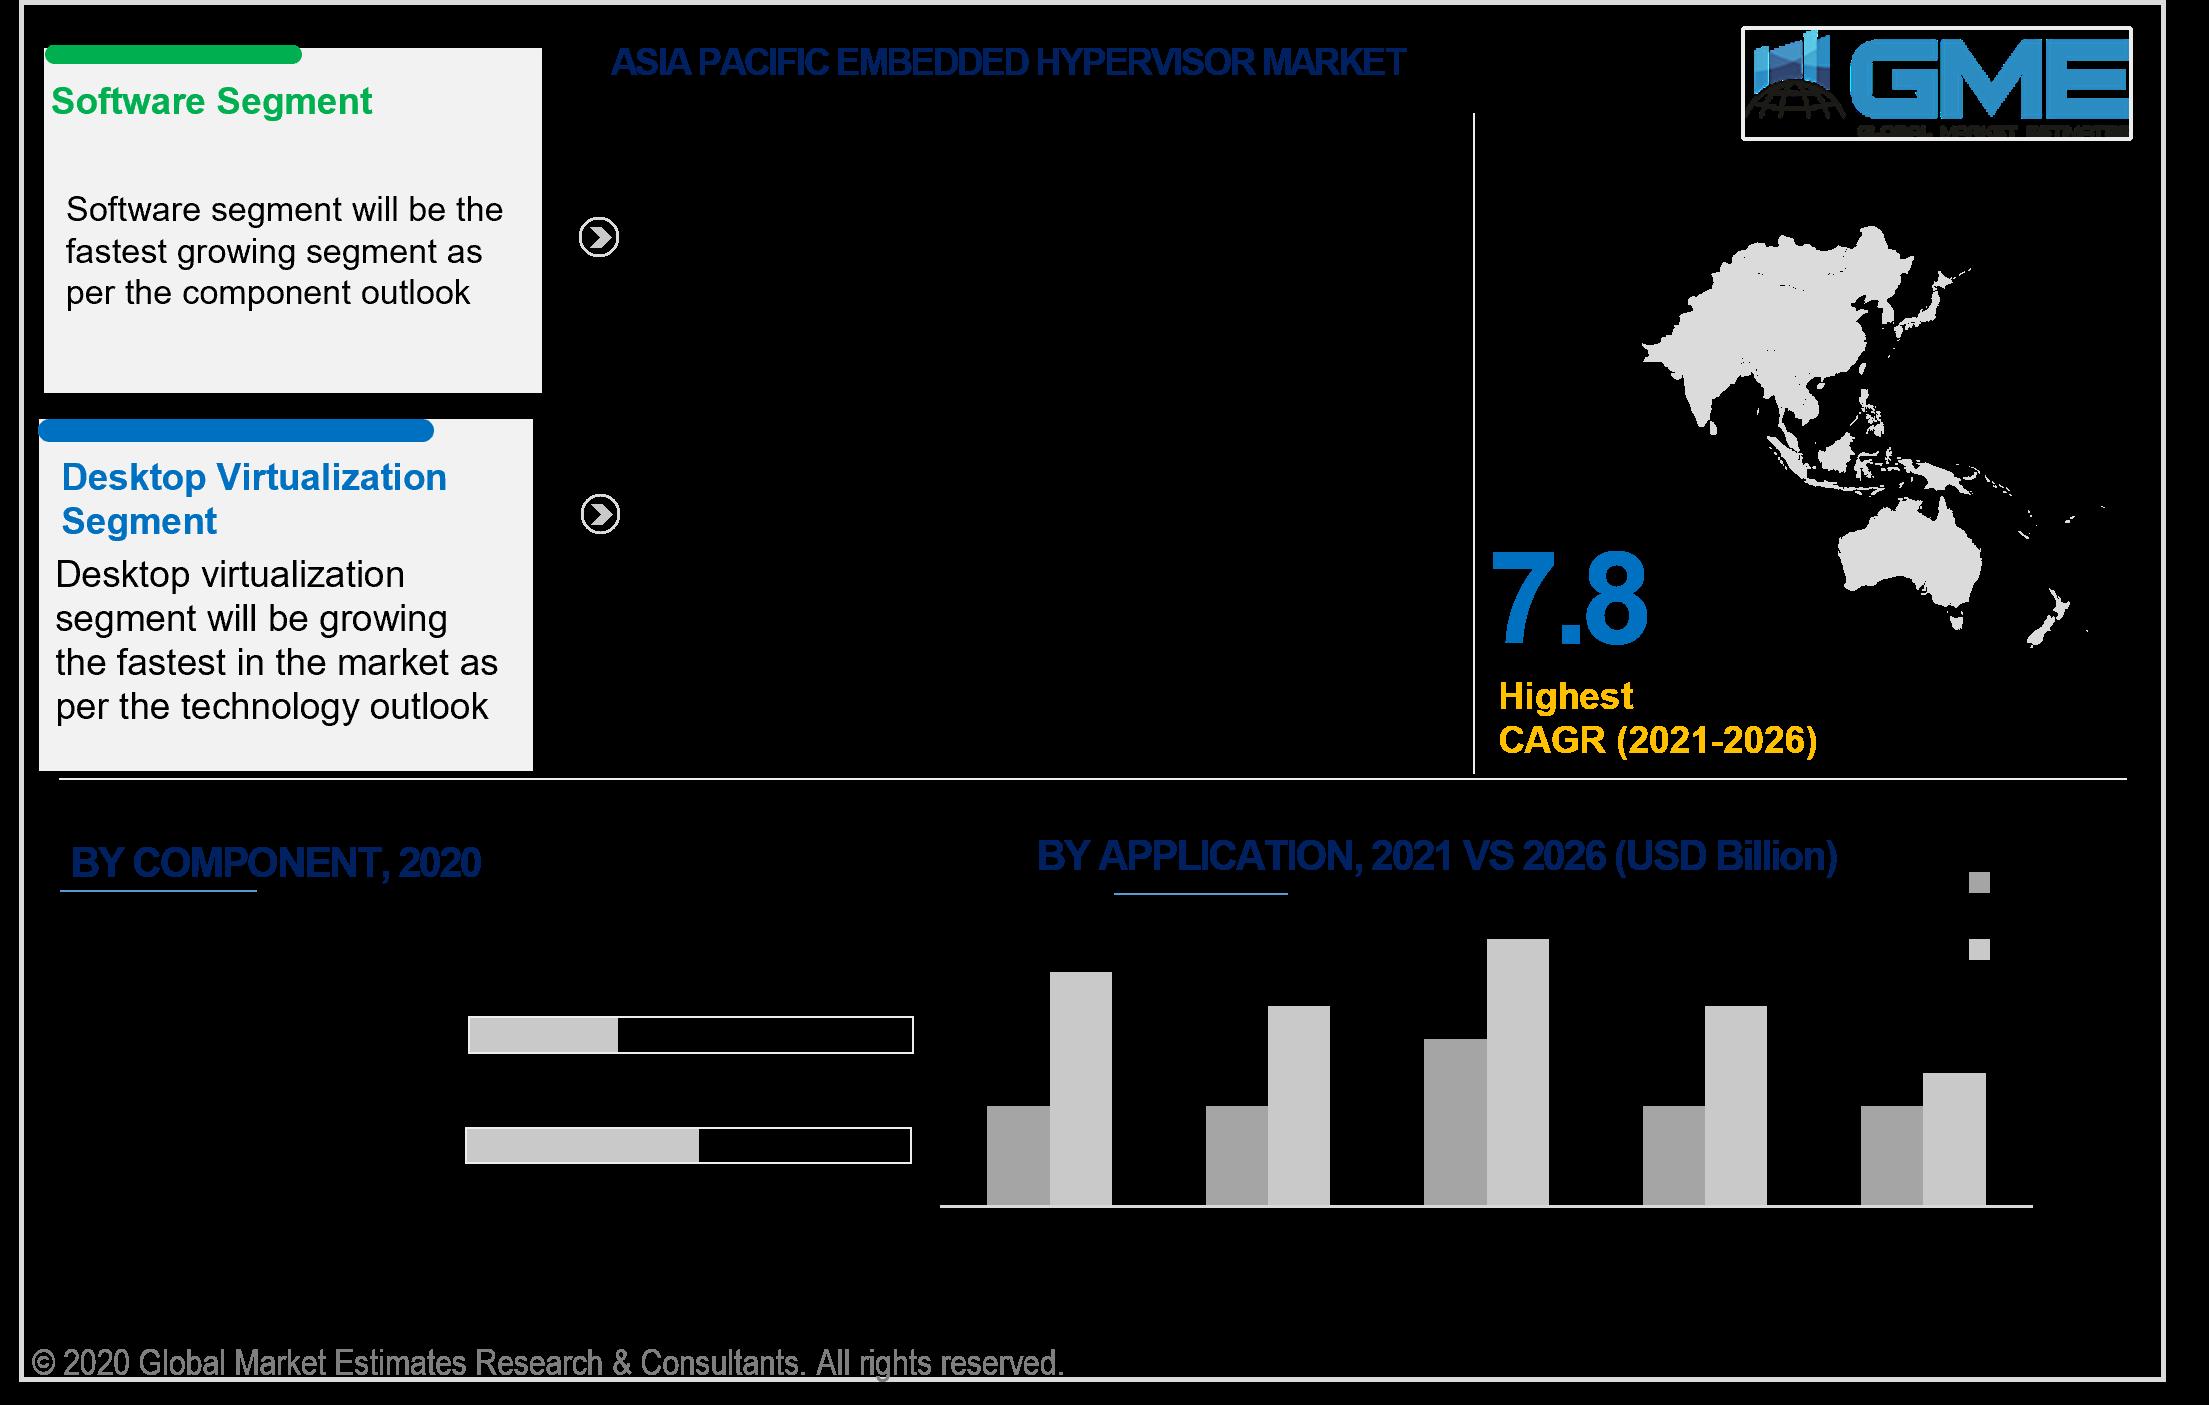 asia pacific embedded hypervisor market